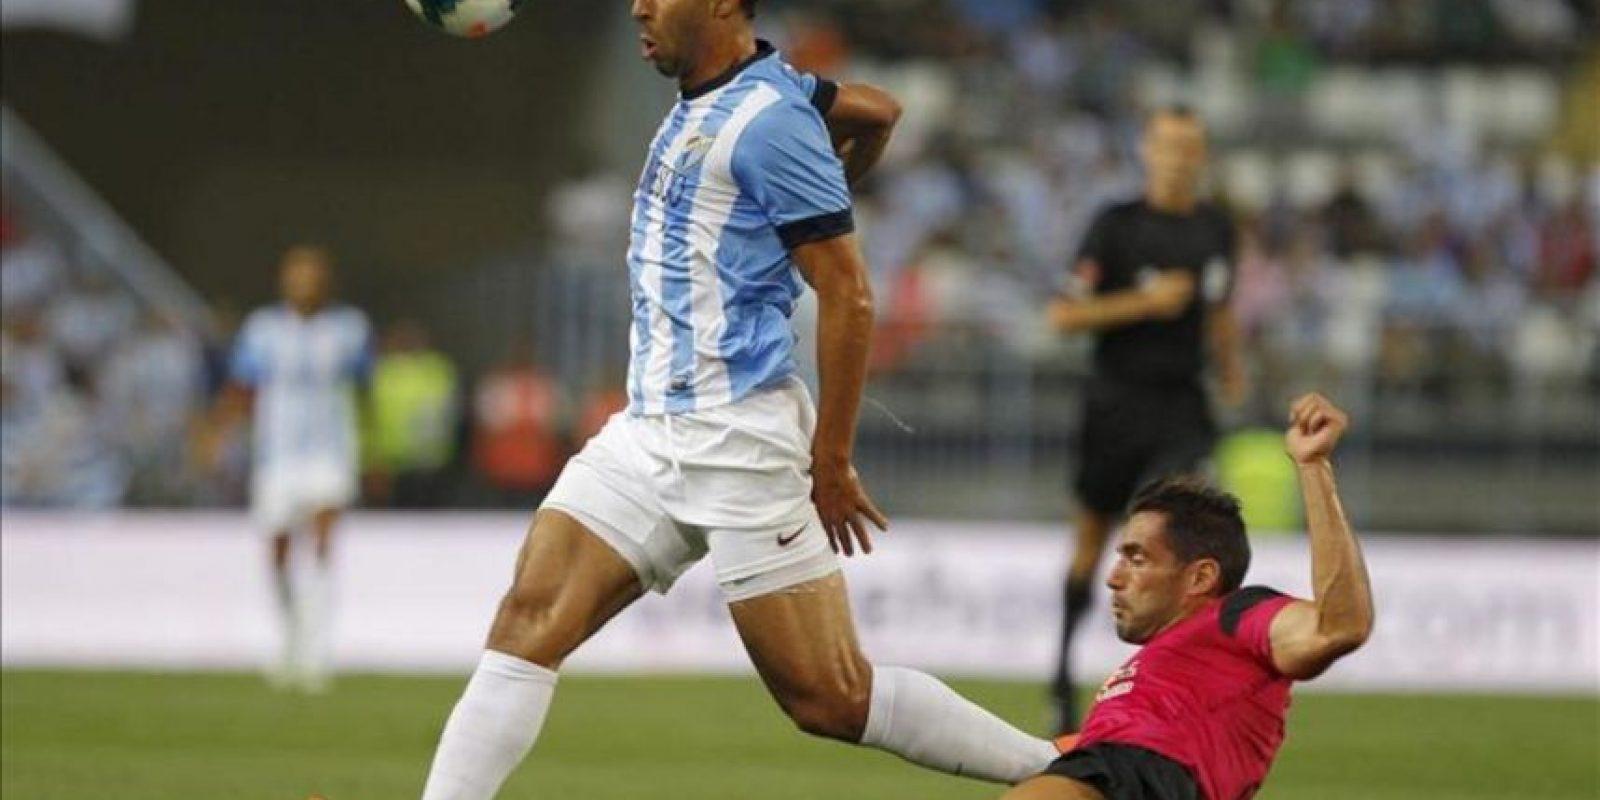 El centrocampista marroquí del Málaga CF, Mounir El Hamdaoui (i), se escapa del defensa argentino de la UD Almería, Ángel Trujillo, durante el partido de la sexta jornada de Liga en Primera División. EFE